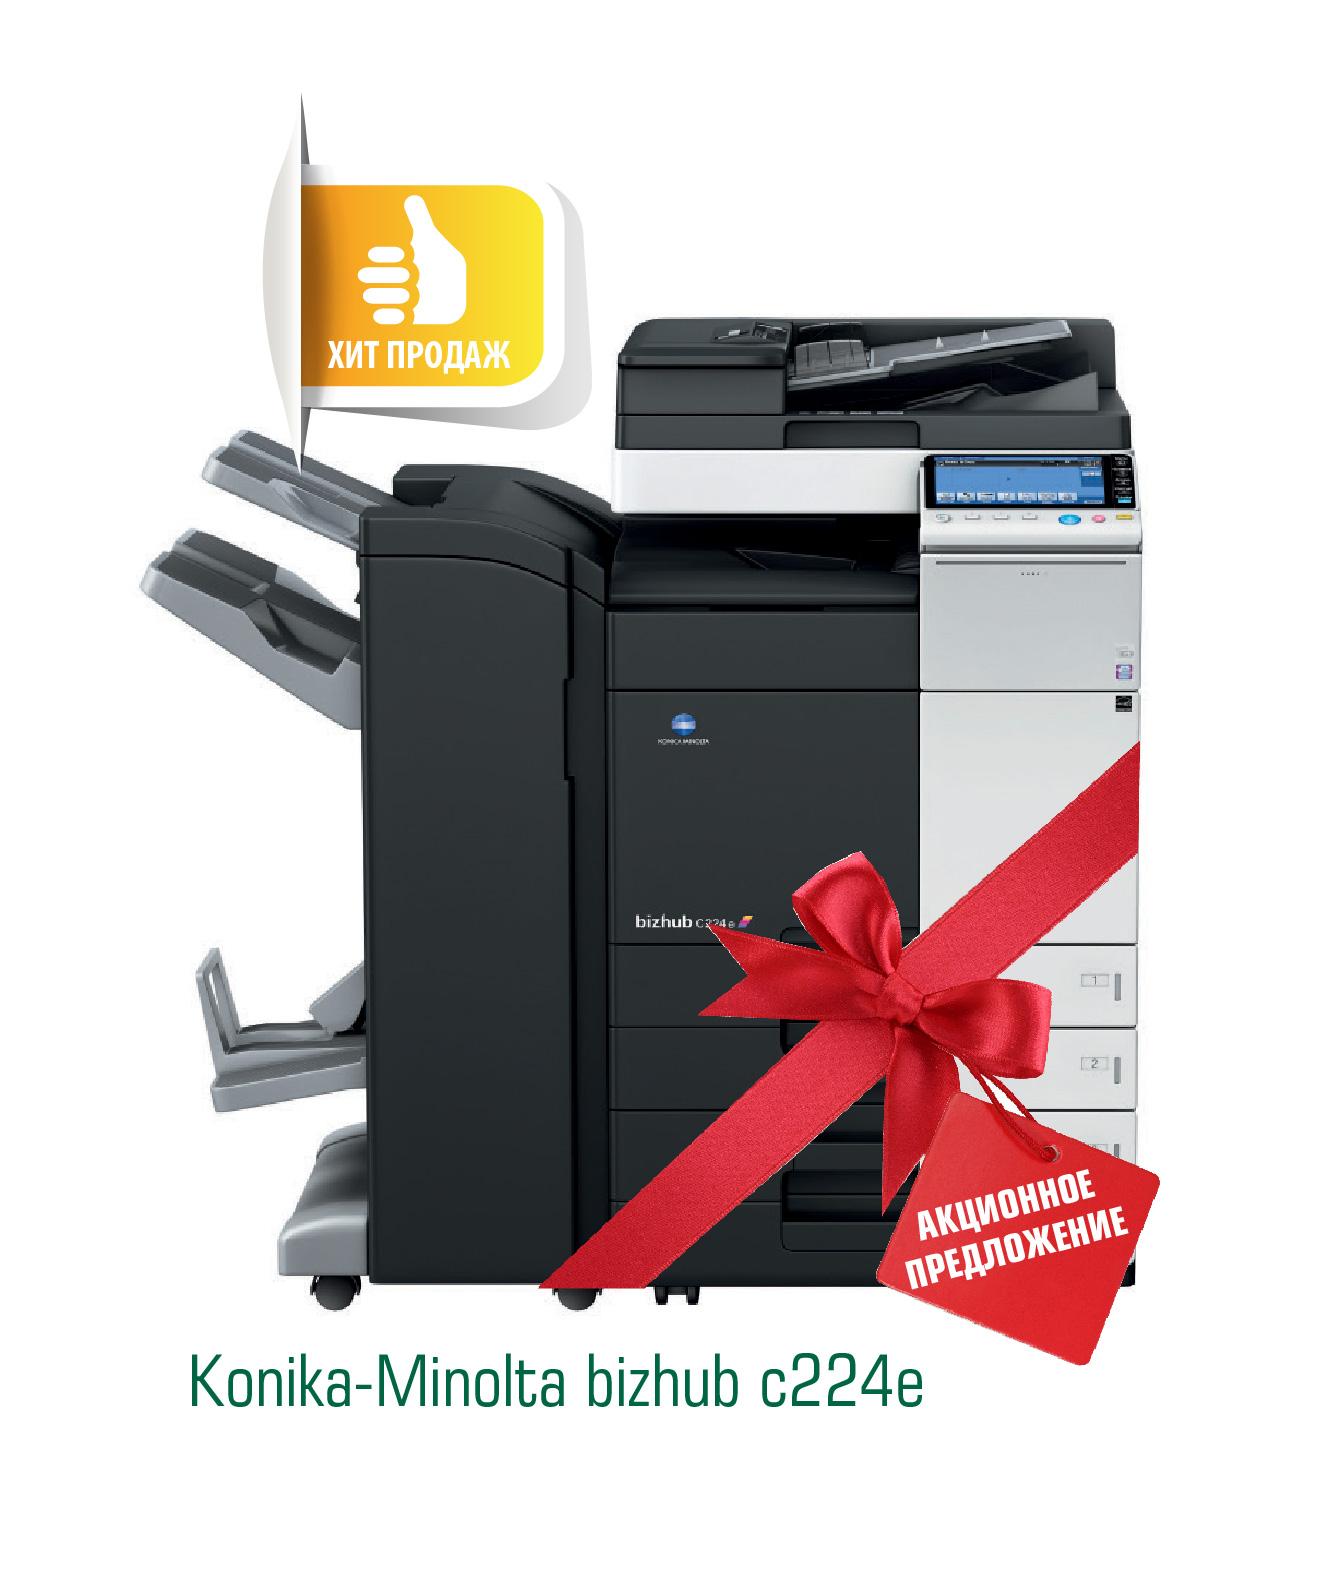 Minolta c224e